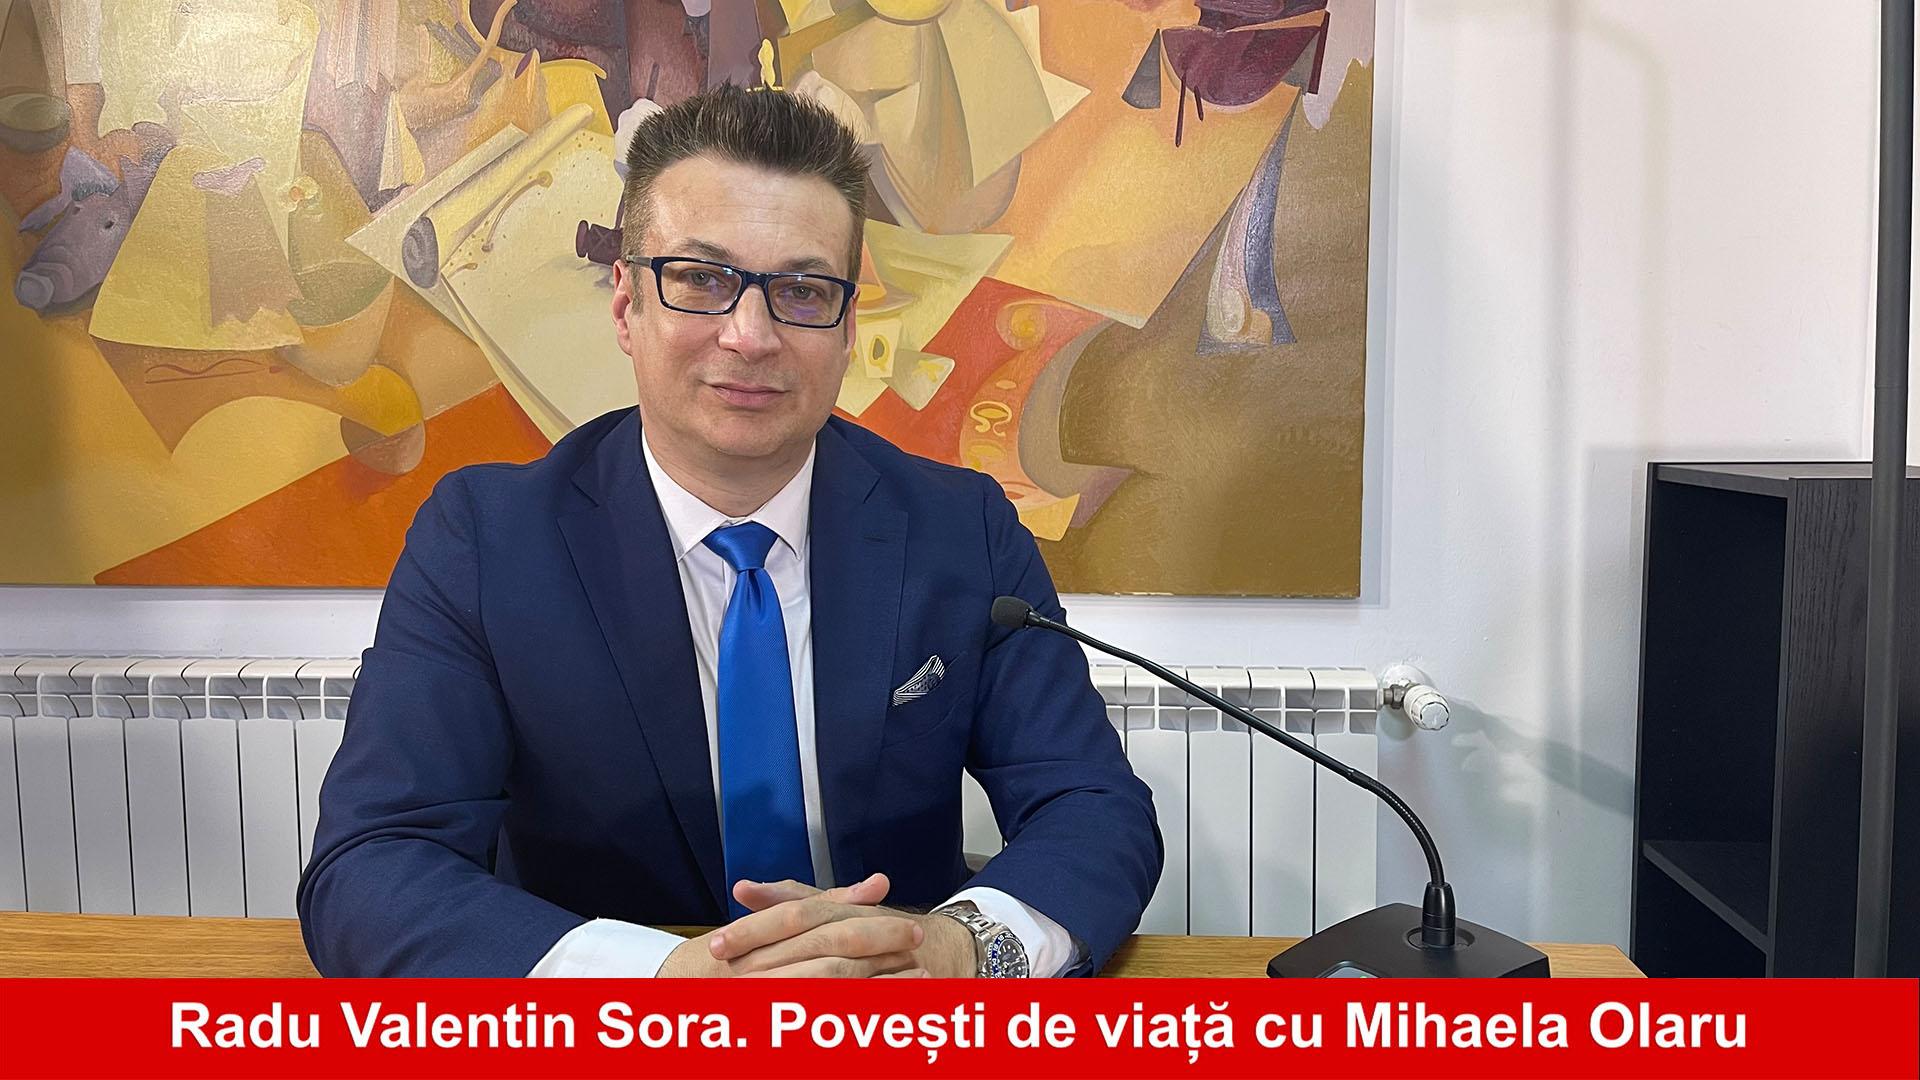 Avocatura, marea mea iubire, Radu Valentin Sora   Povești de viață cu Mihaela Olaru